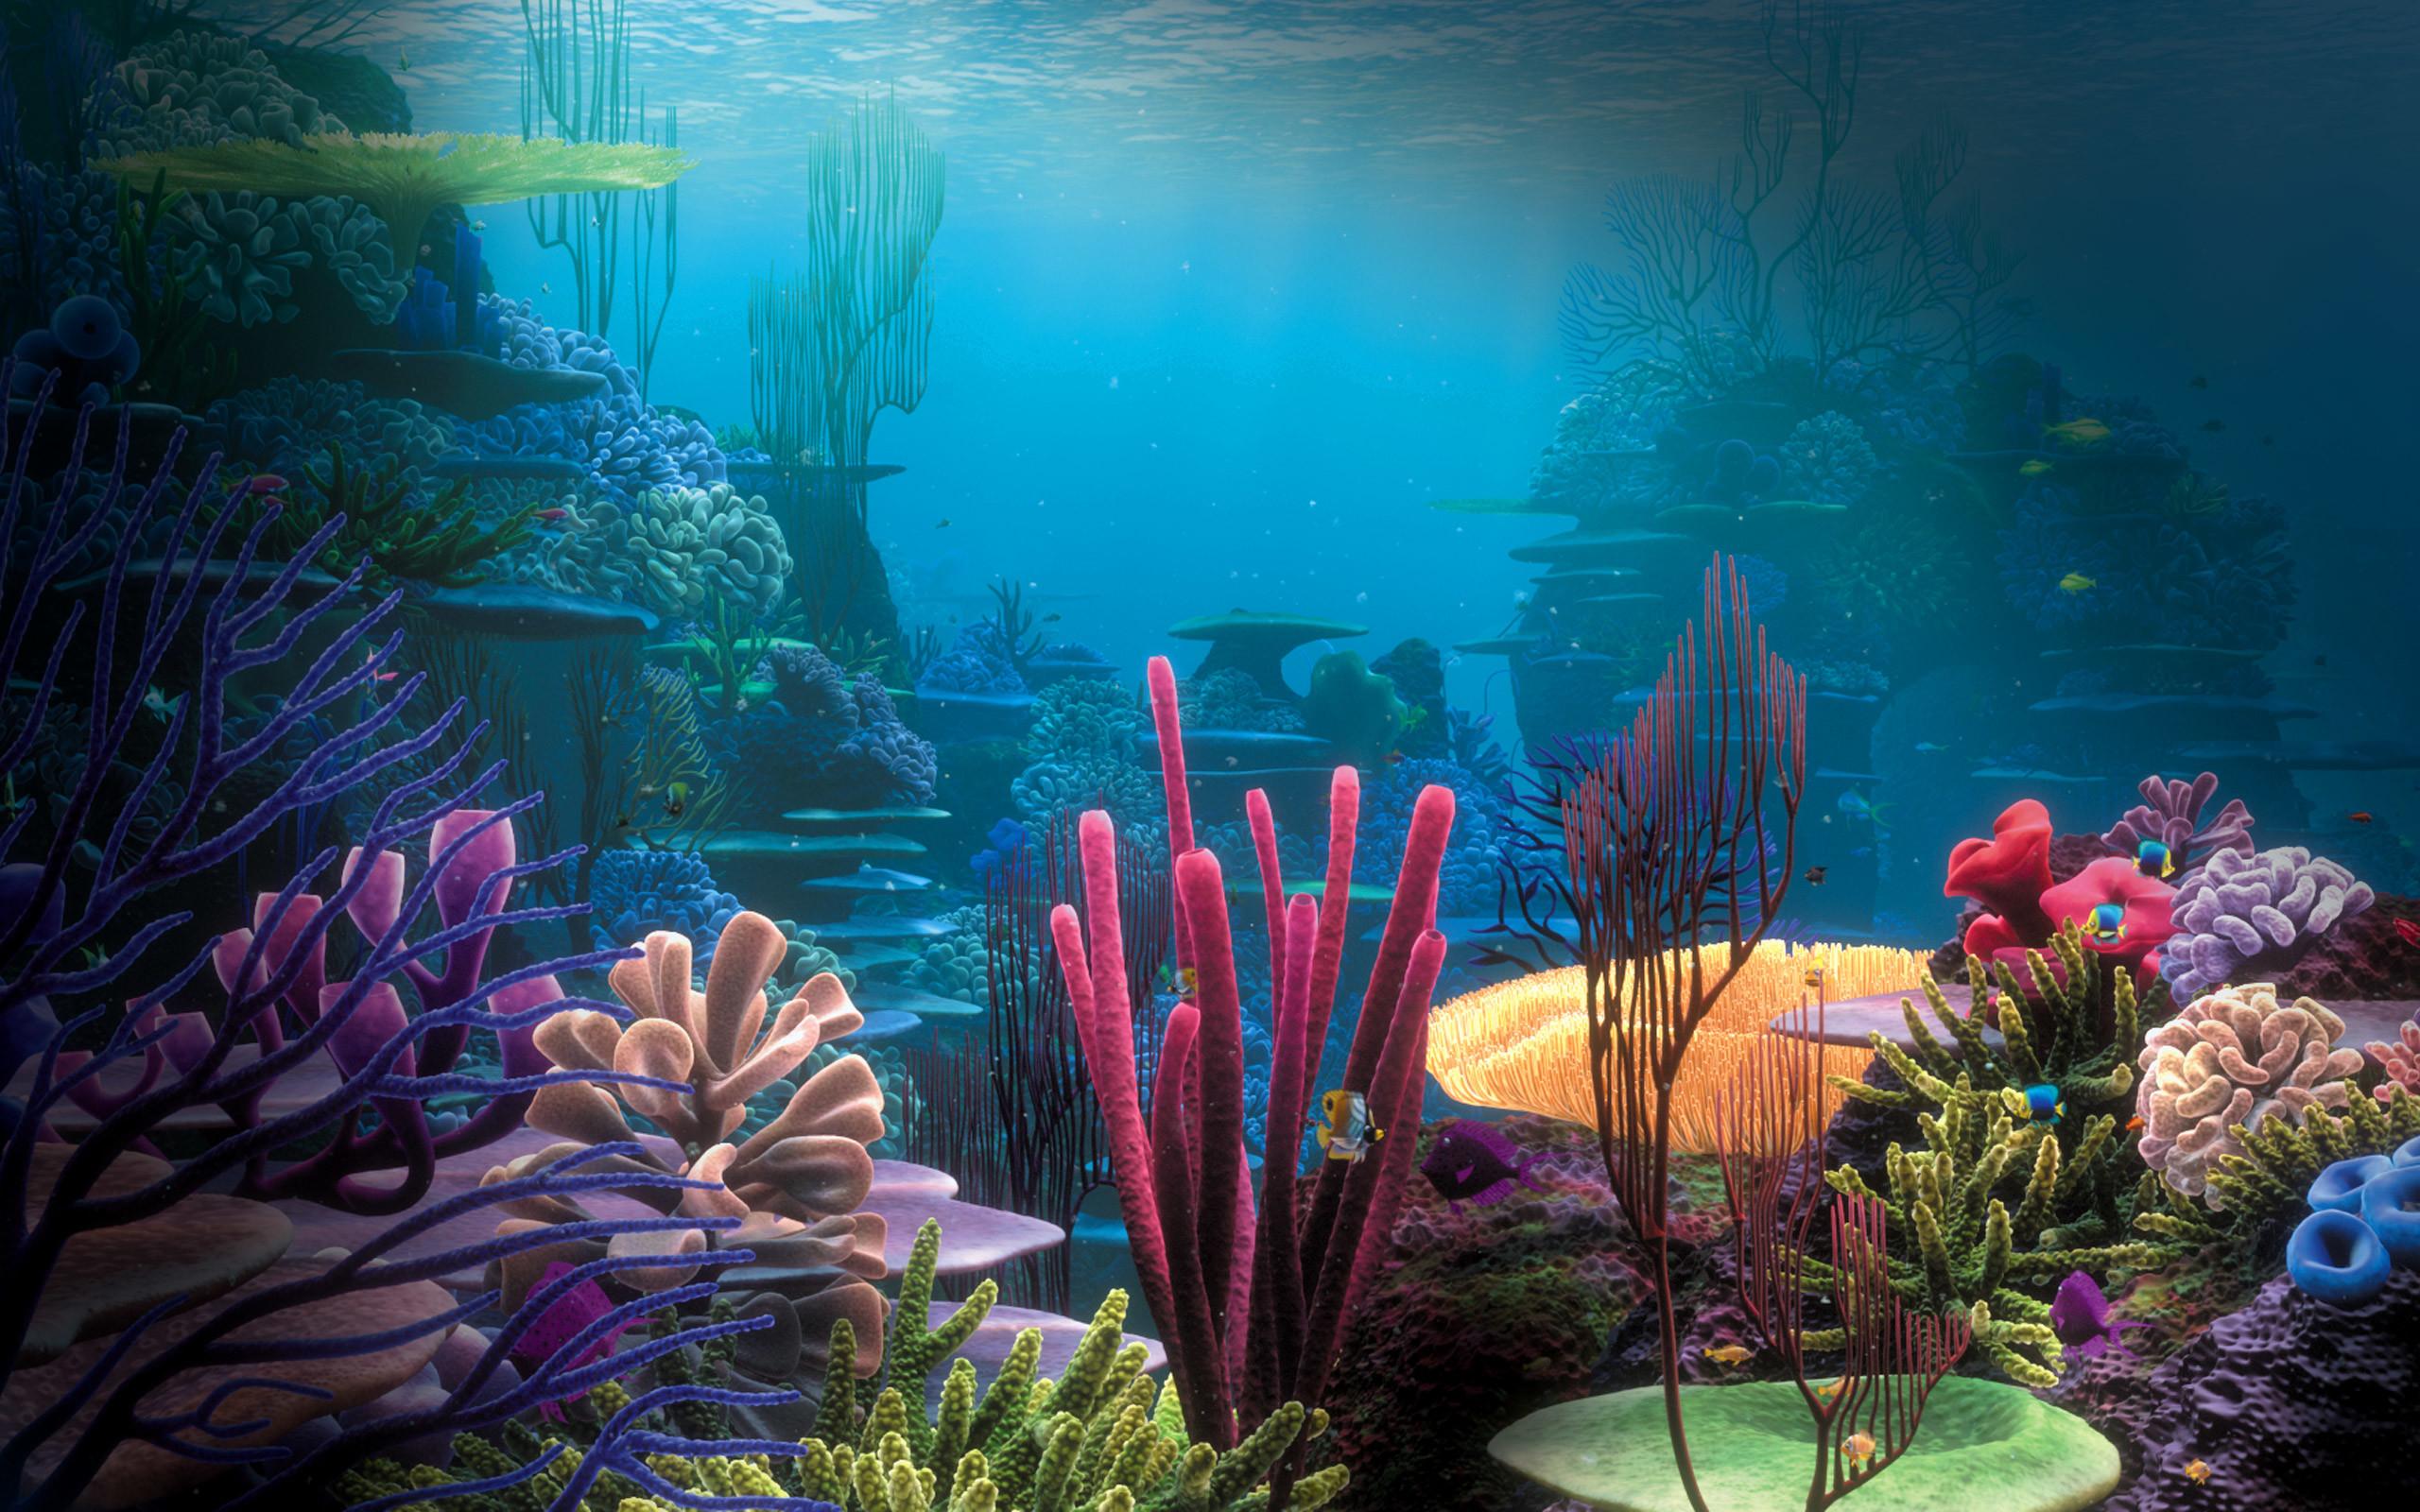 Res: 2560x1600, Title : Ocean pics underwater hd wallpaper